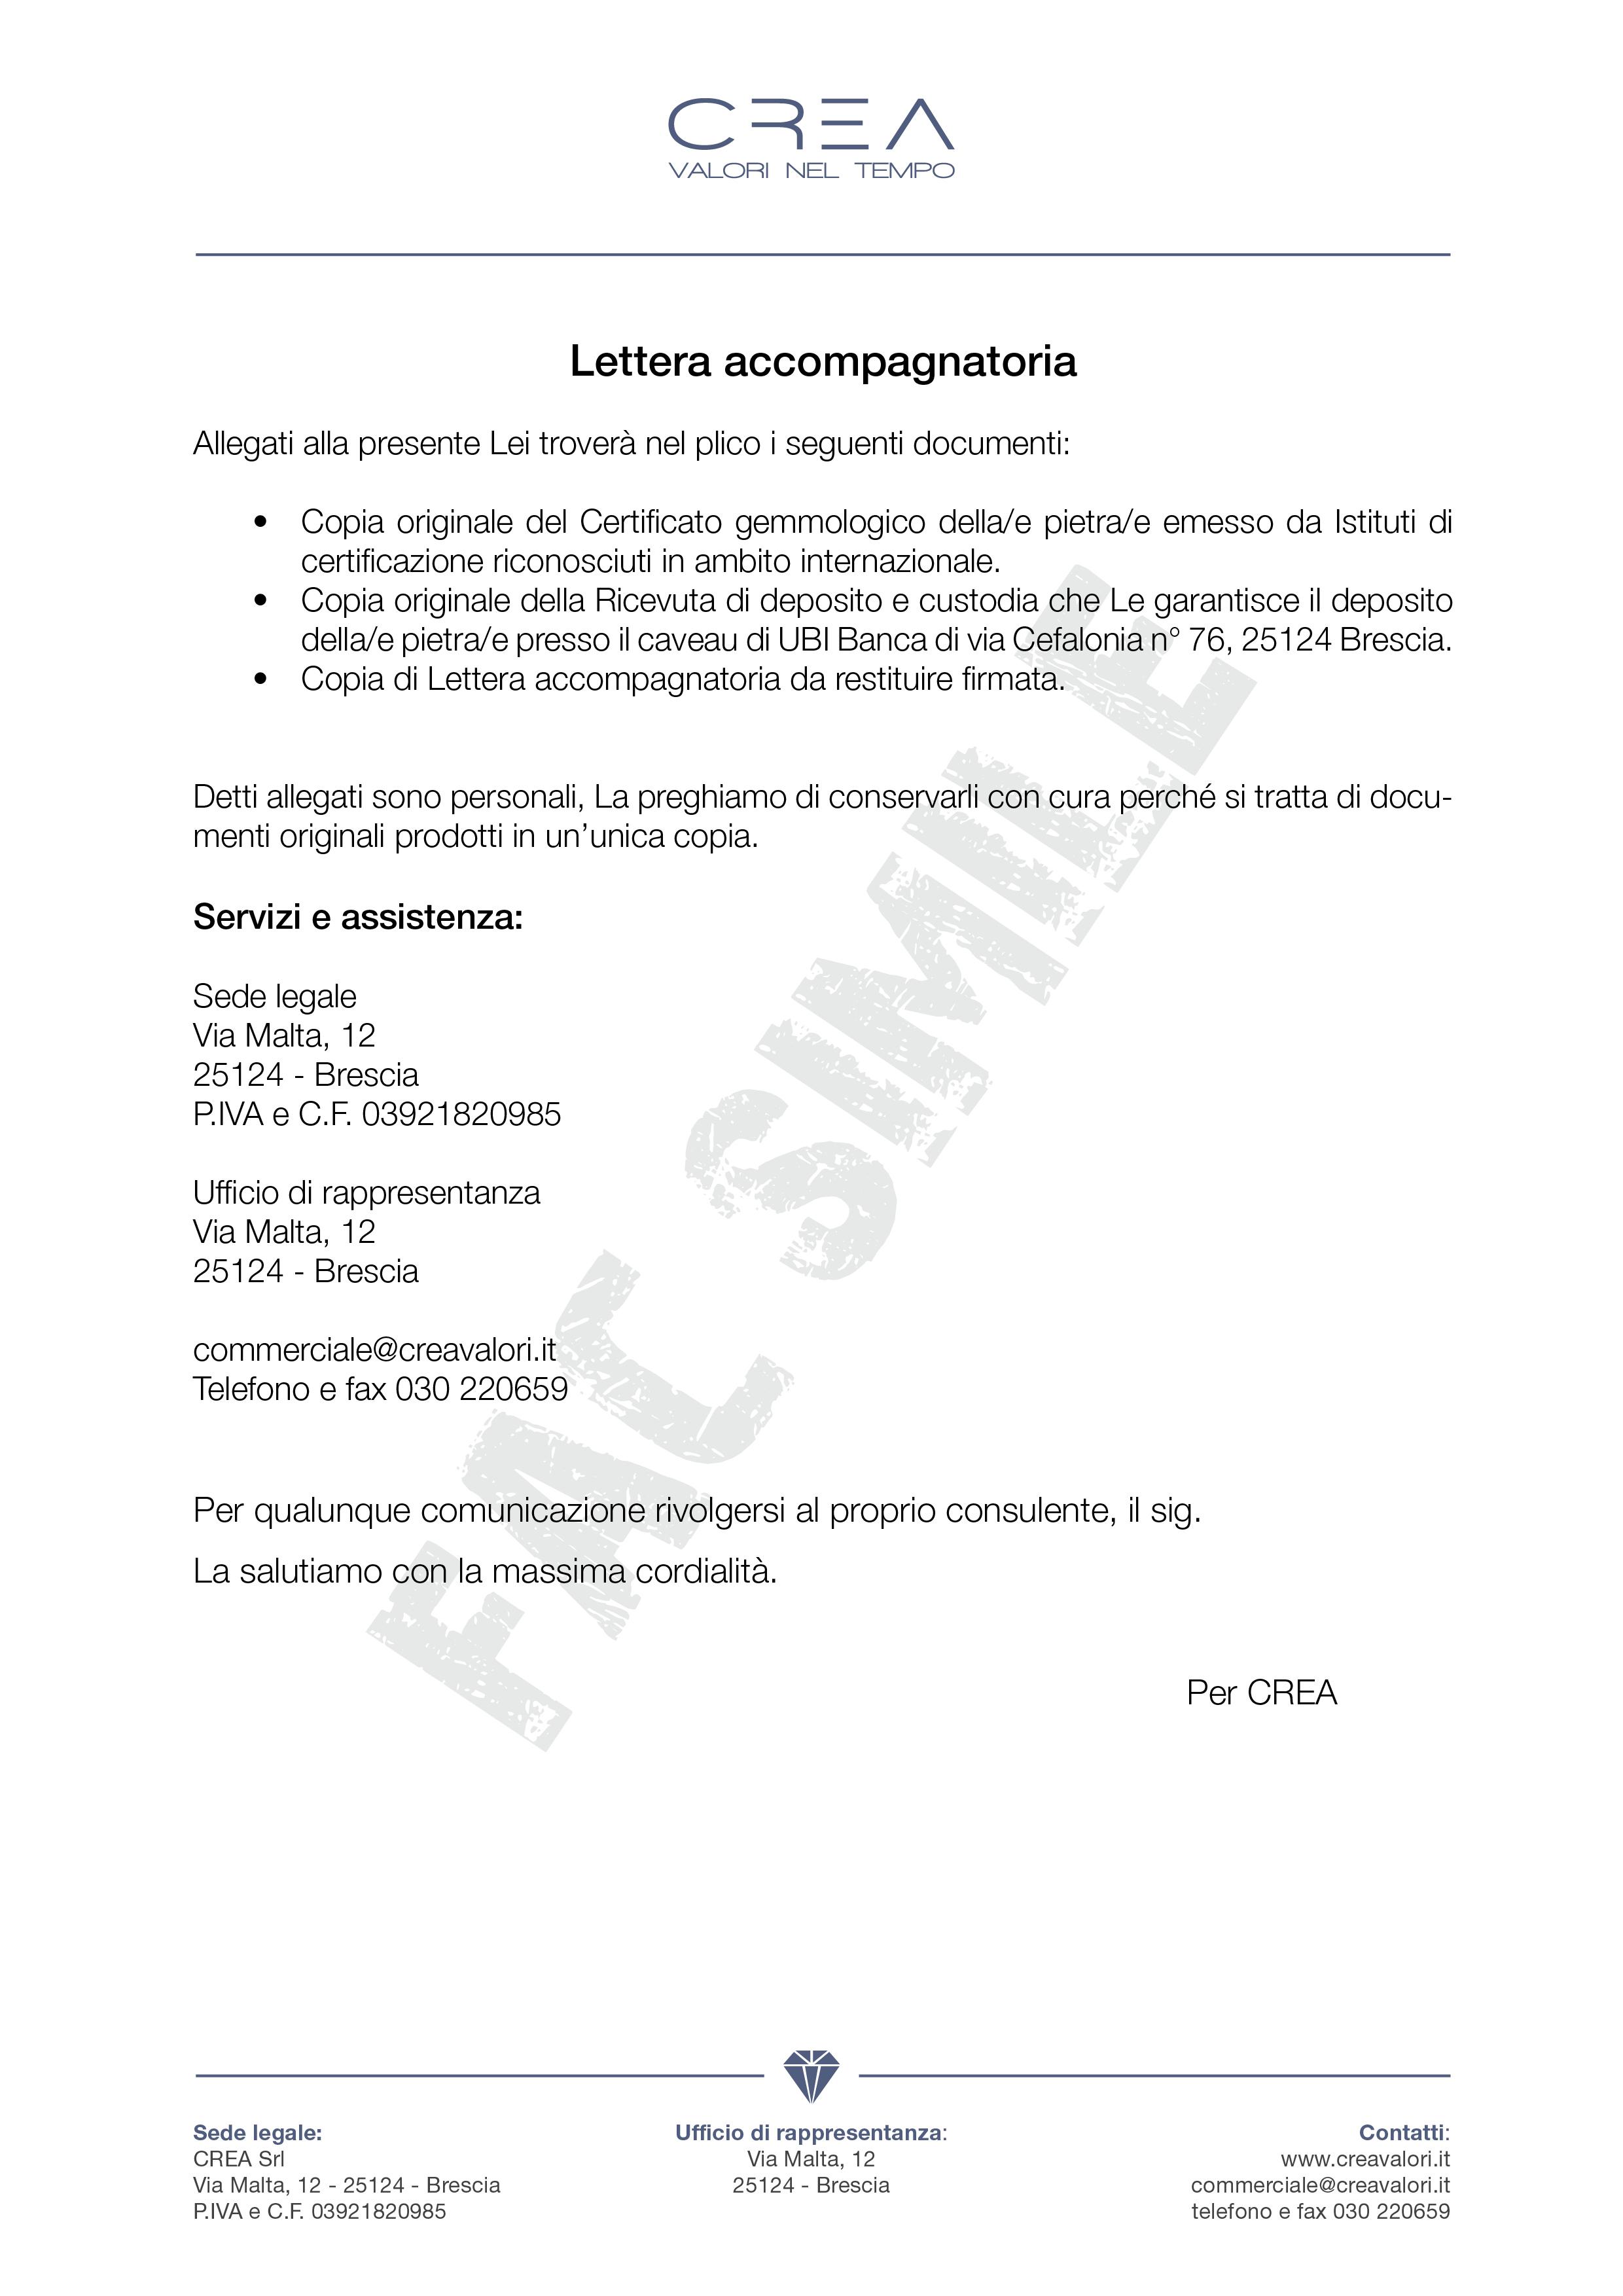 CREA-lettera-Accompagnamento.jpg